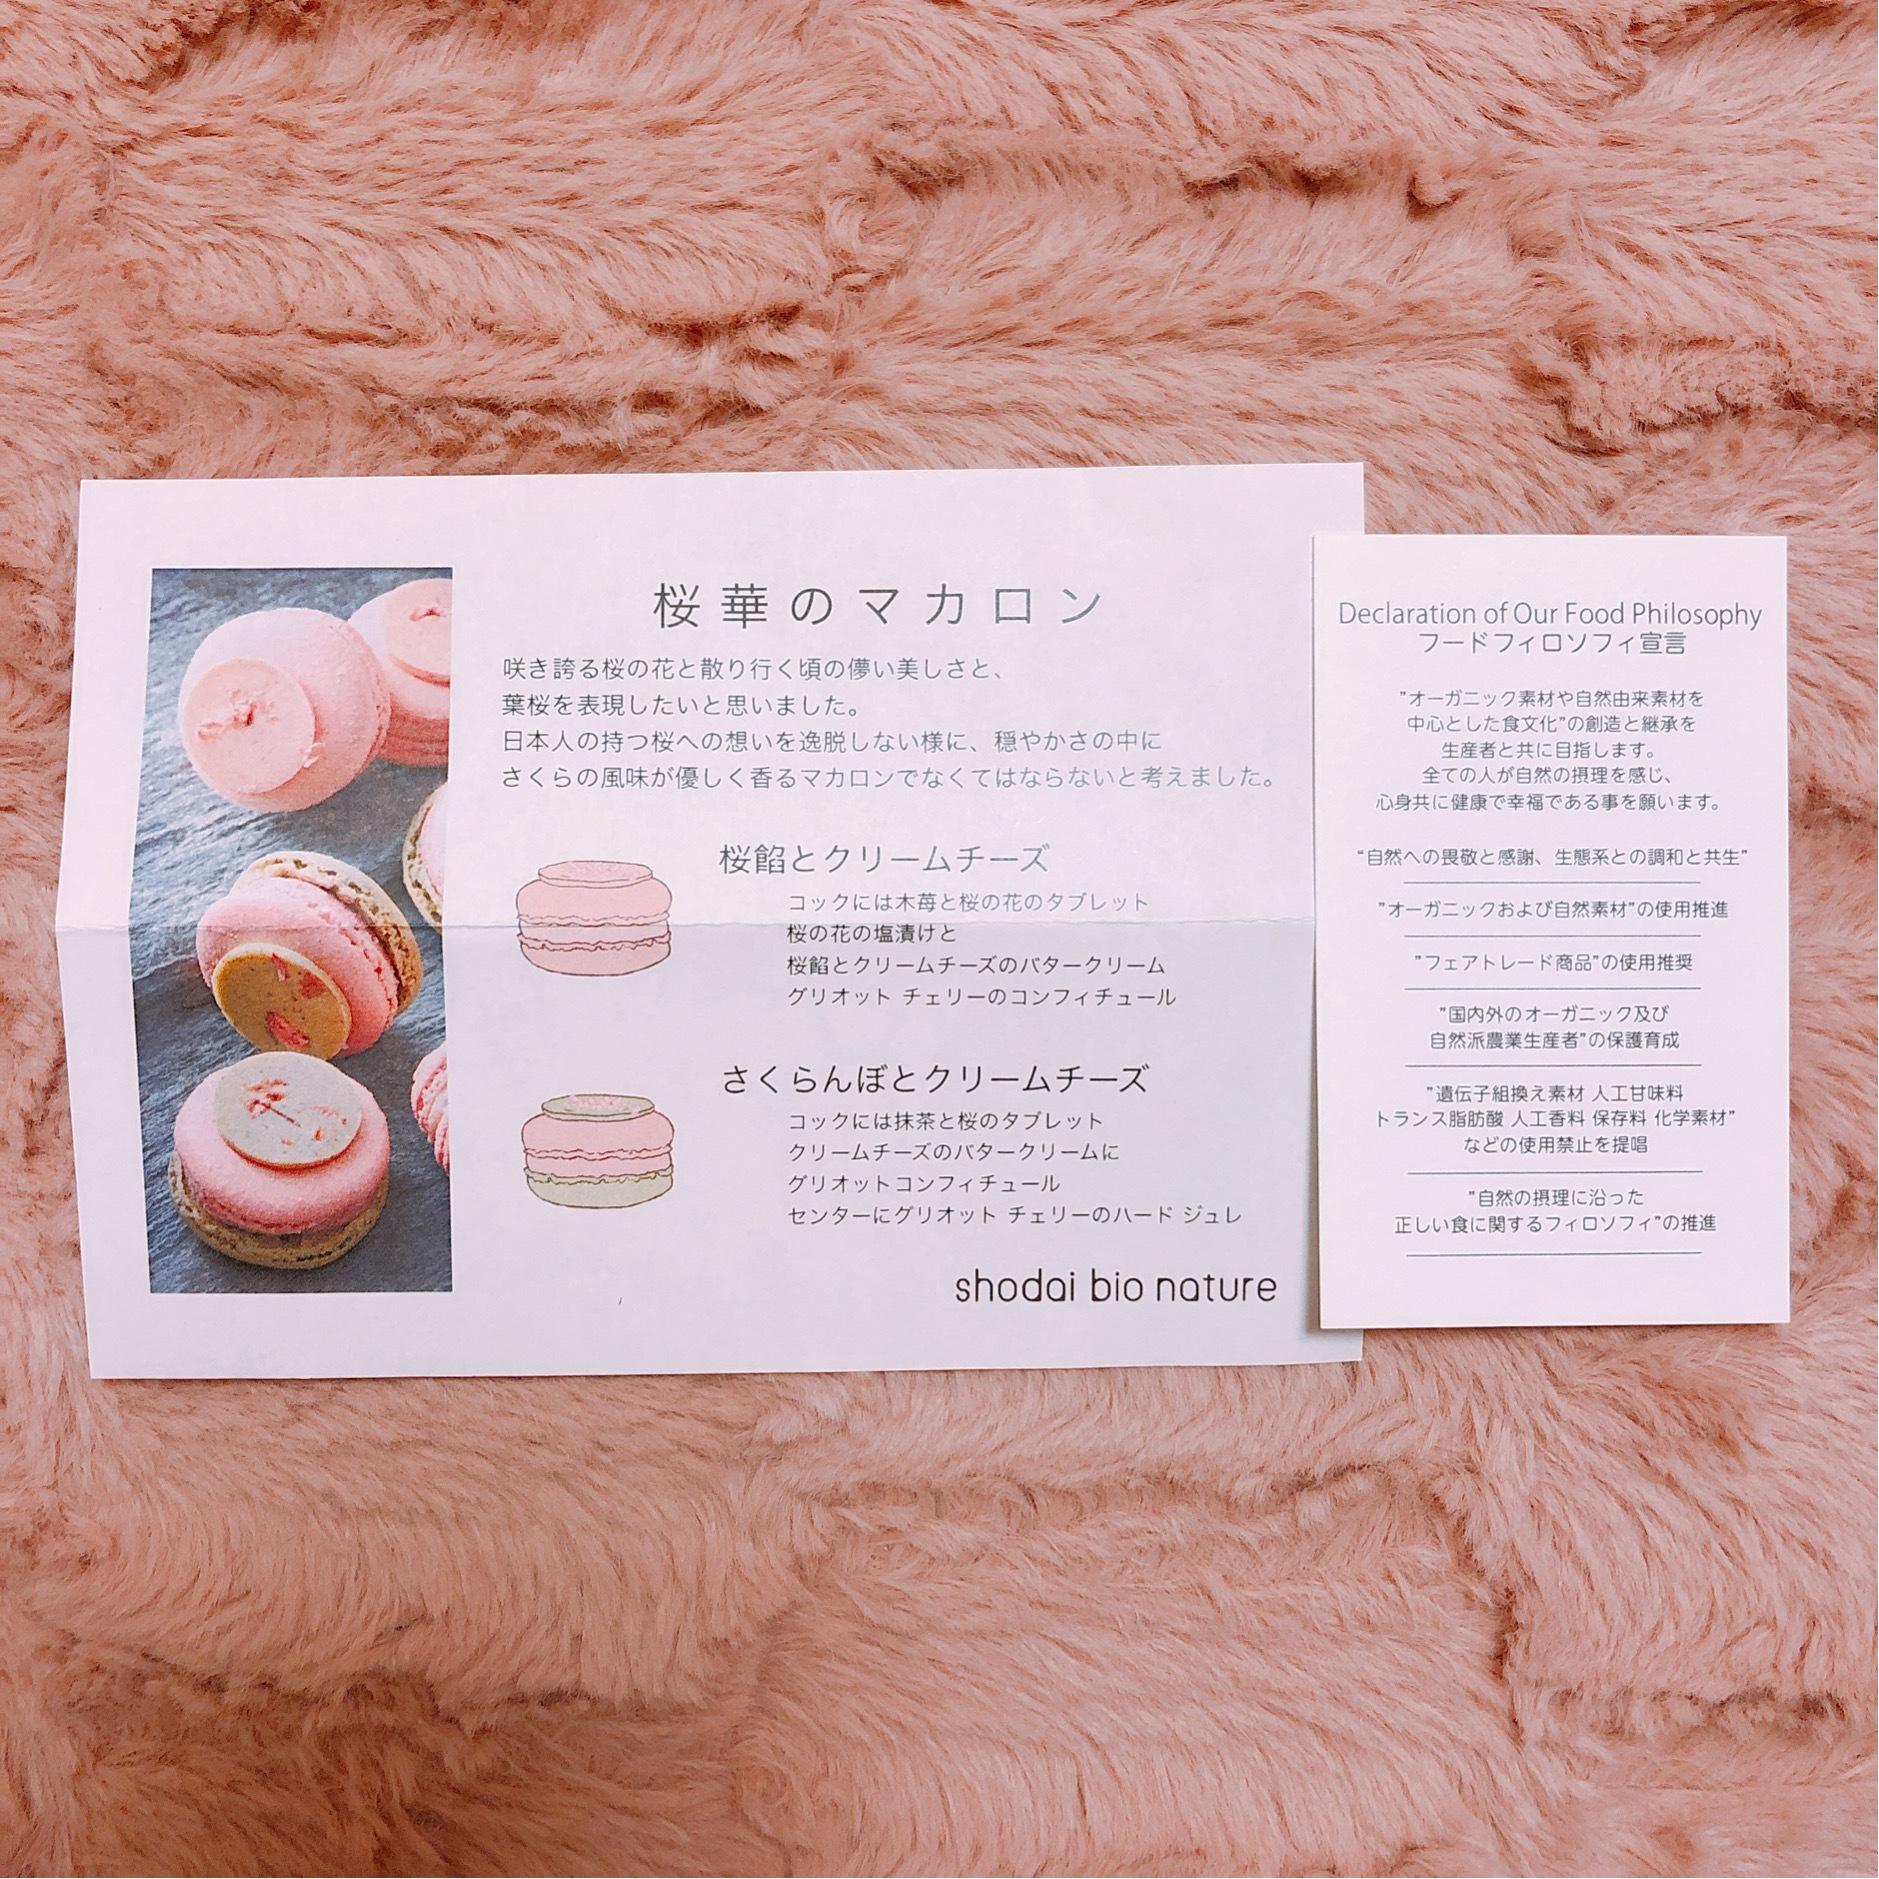 shodai bio nature 桜華のマカロン_1_3